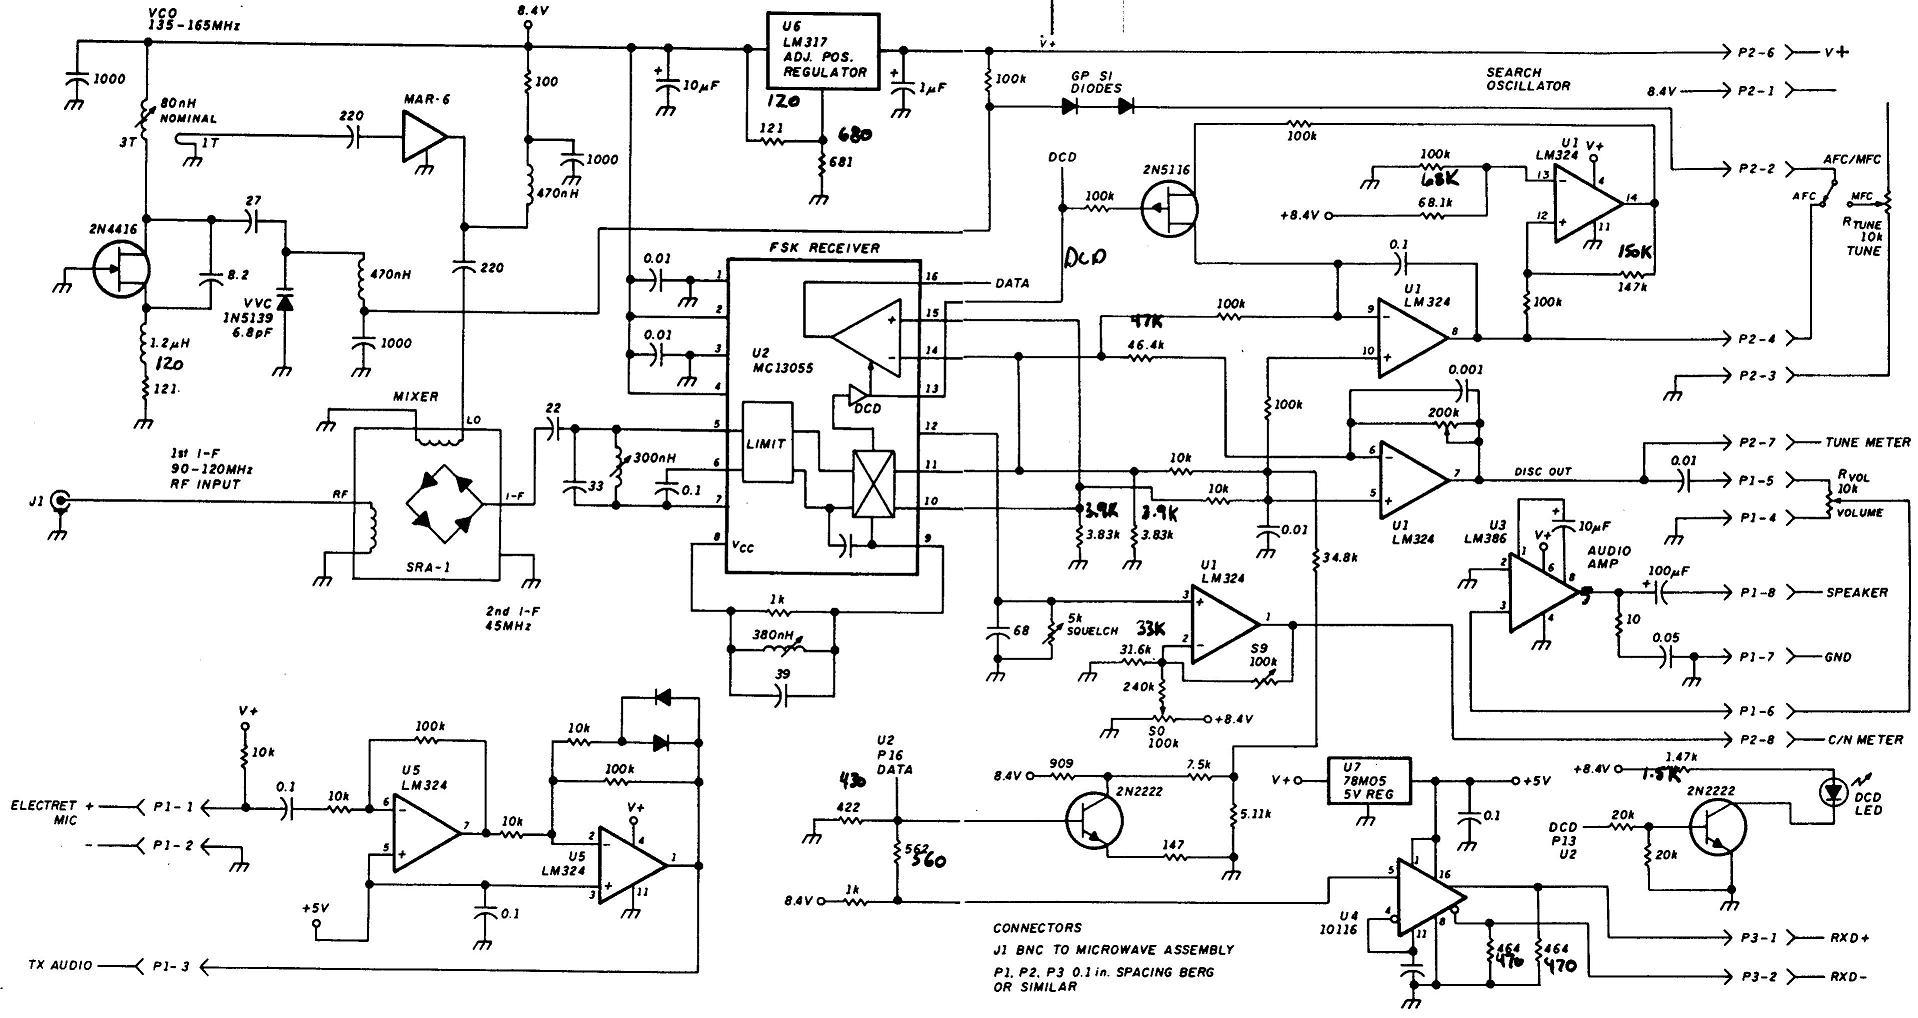 Schemi Elettrici Mercedes : Progettazione quaini